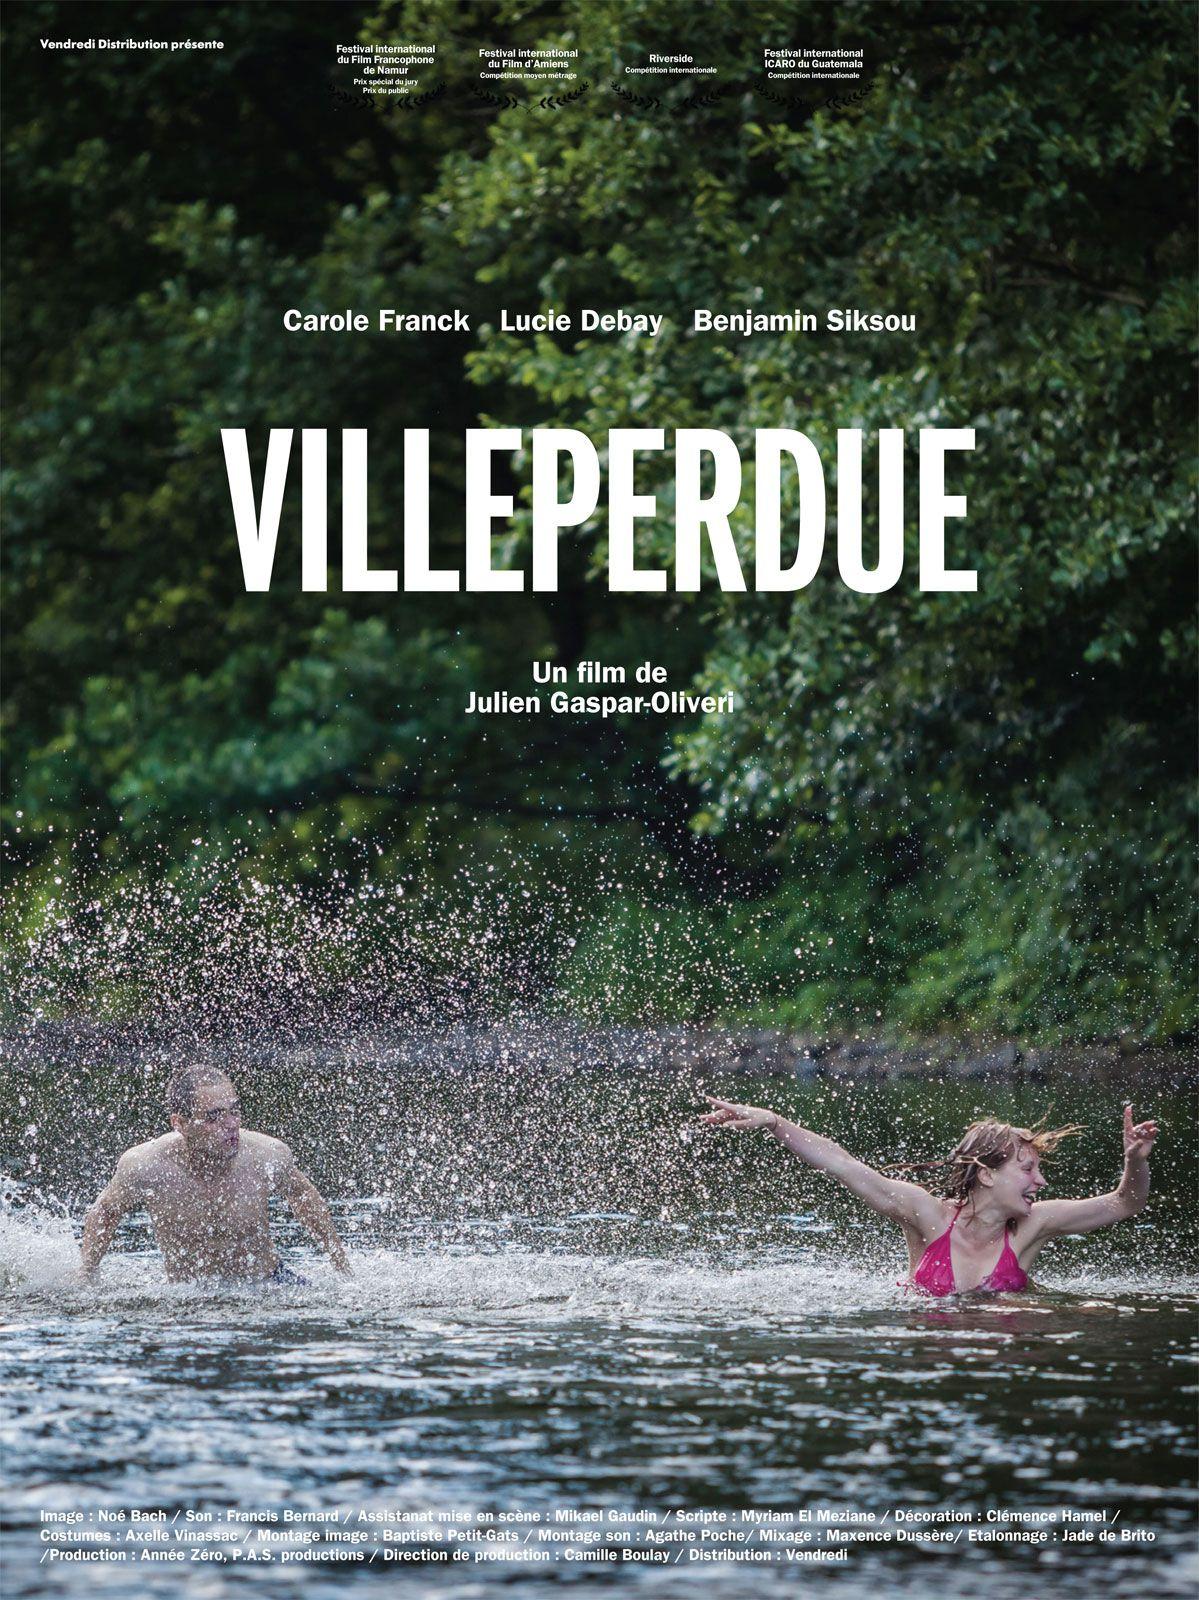 VillePerdue - Film (2017)